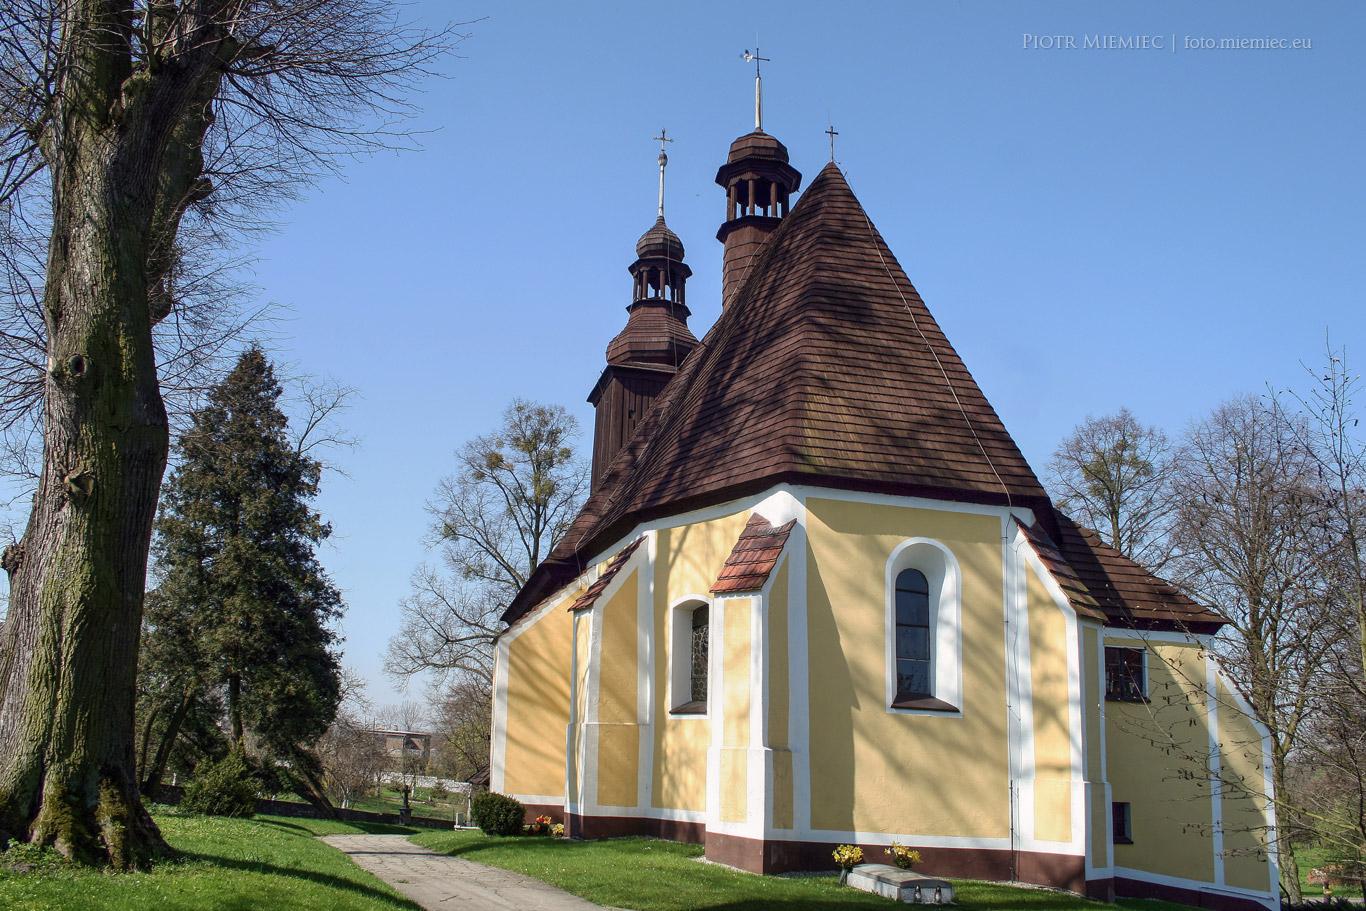 Kościół Wszystkich Świętych w Sierotach